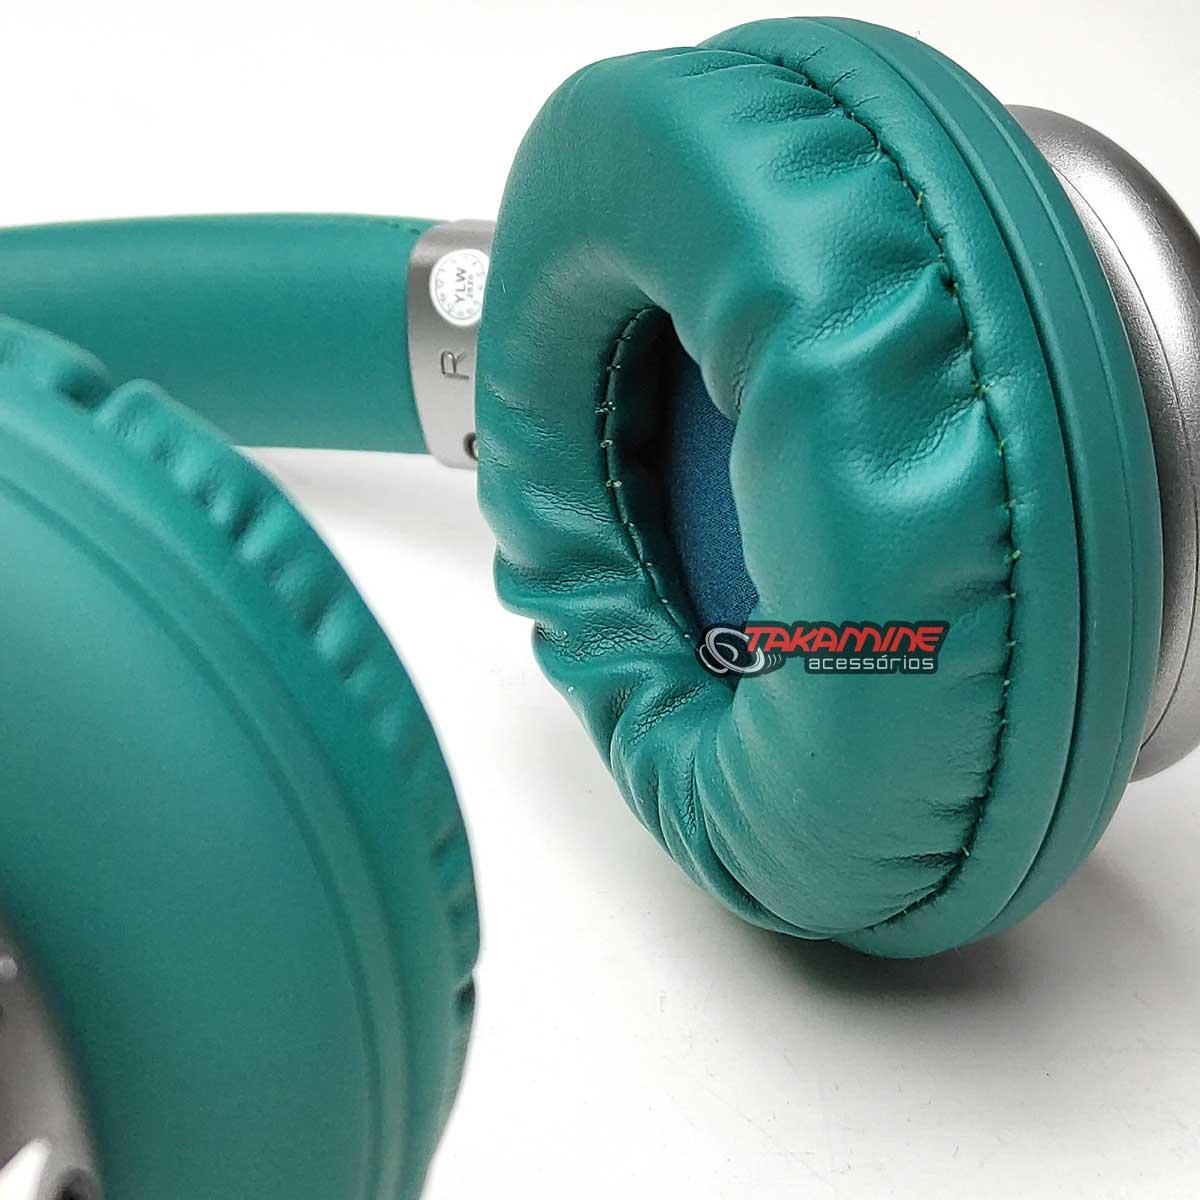 Fone de ouvido sem fio Bluetooth com rádio FM verde